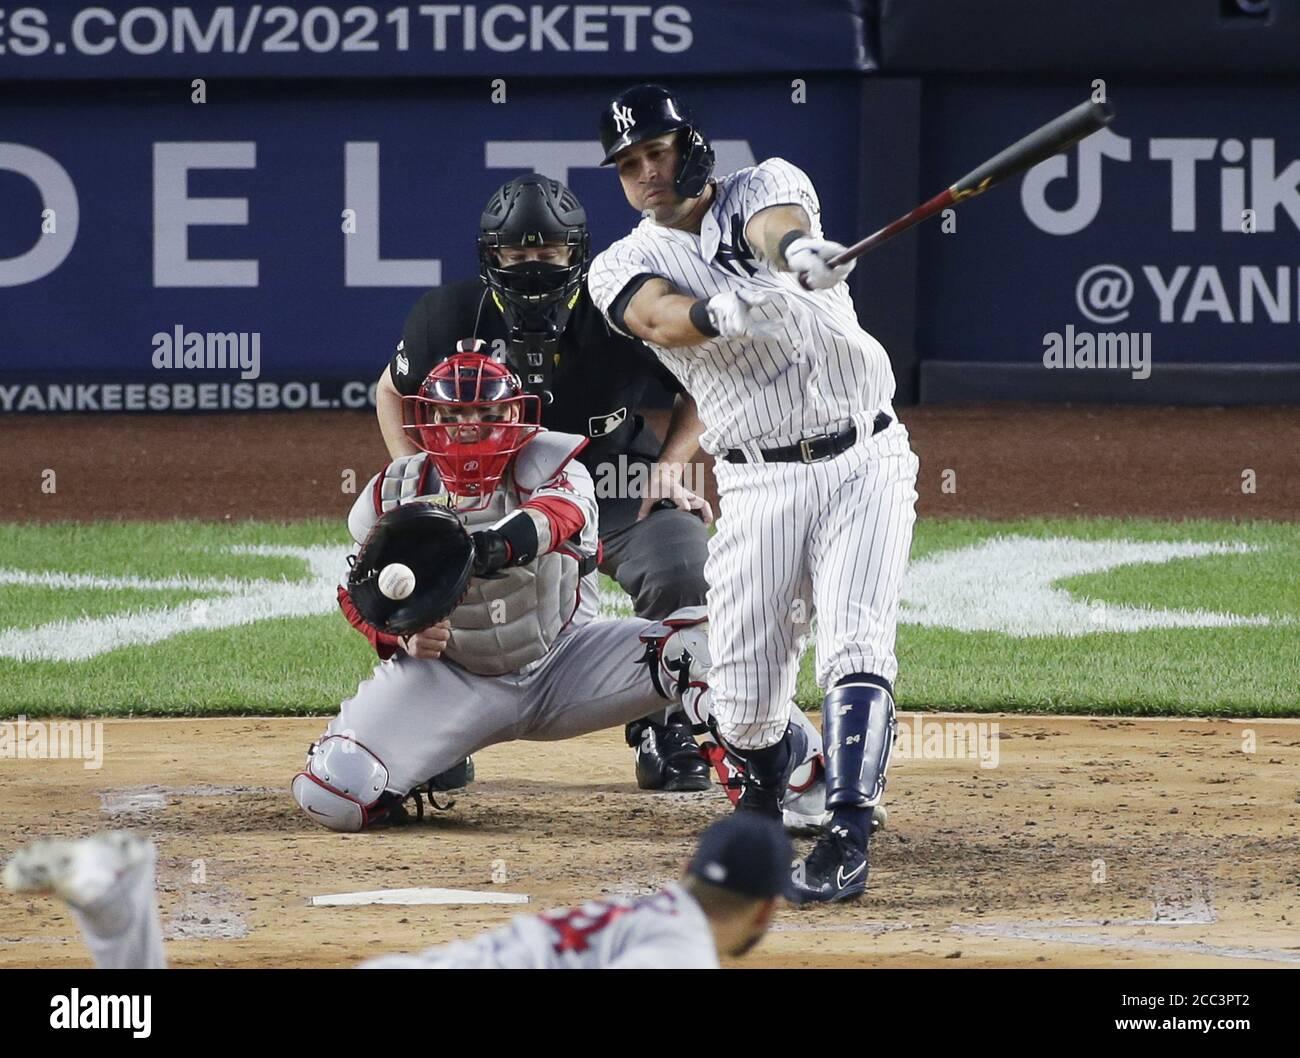 Bronx, Estados Unidos. 17 de agosto de 2020. Los Yankees de Nueva York Gary Sanchez golpea en la tercera entrada contra los Medias Rojas de Boston en el estadio Yankee el lunes, 17 de agosto de 2020 en la ciudad de Nueva York. Foto de John Angelillo/UPI crédito: UPI/Alamy Live News Foto de stock